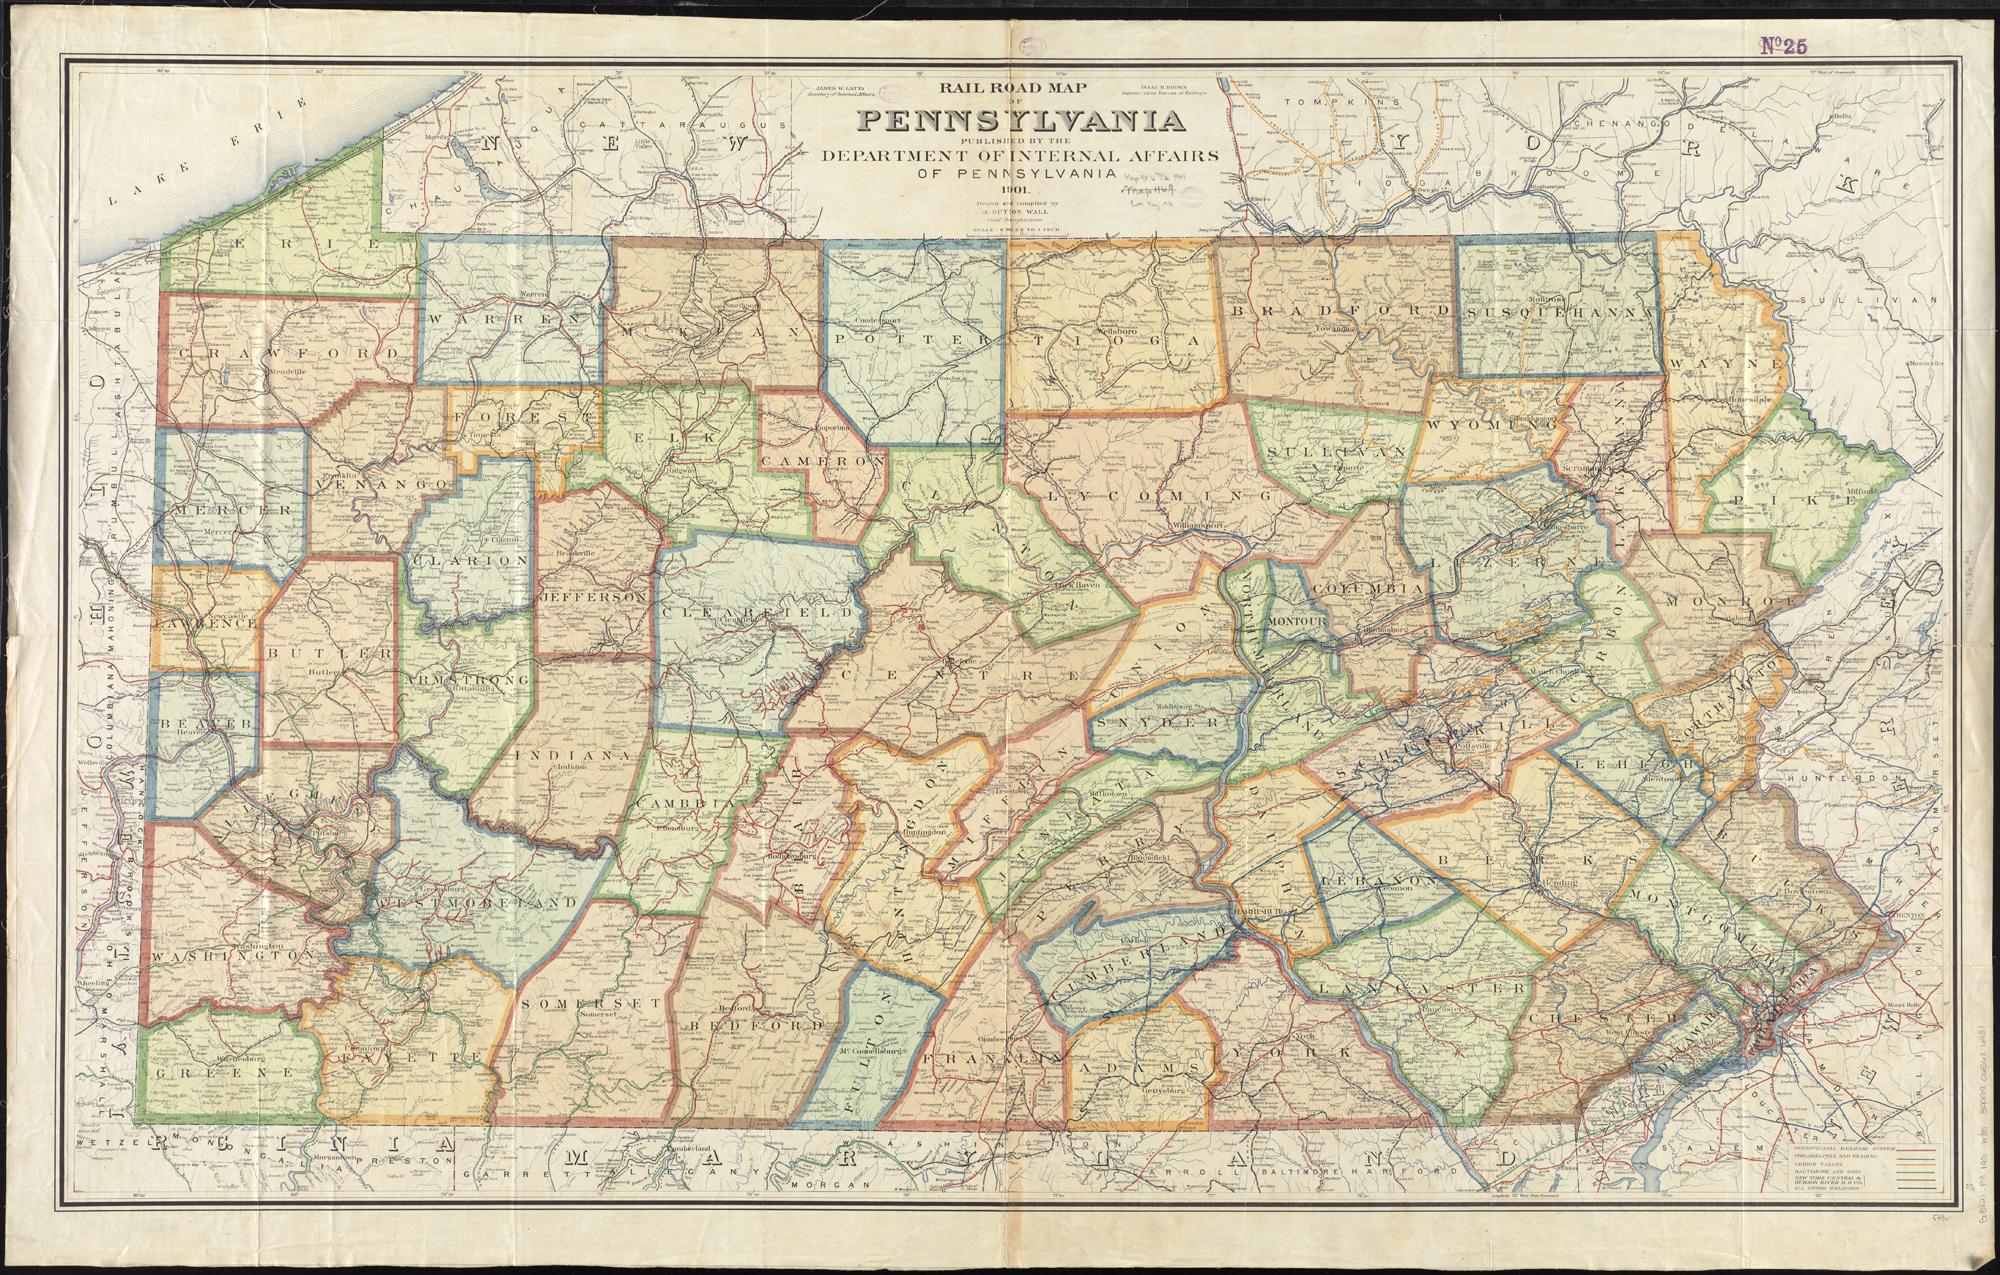 filerail road map of pennsylvania 13981015191jpg wikimedia rail road map of pennsylvania